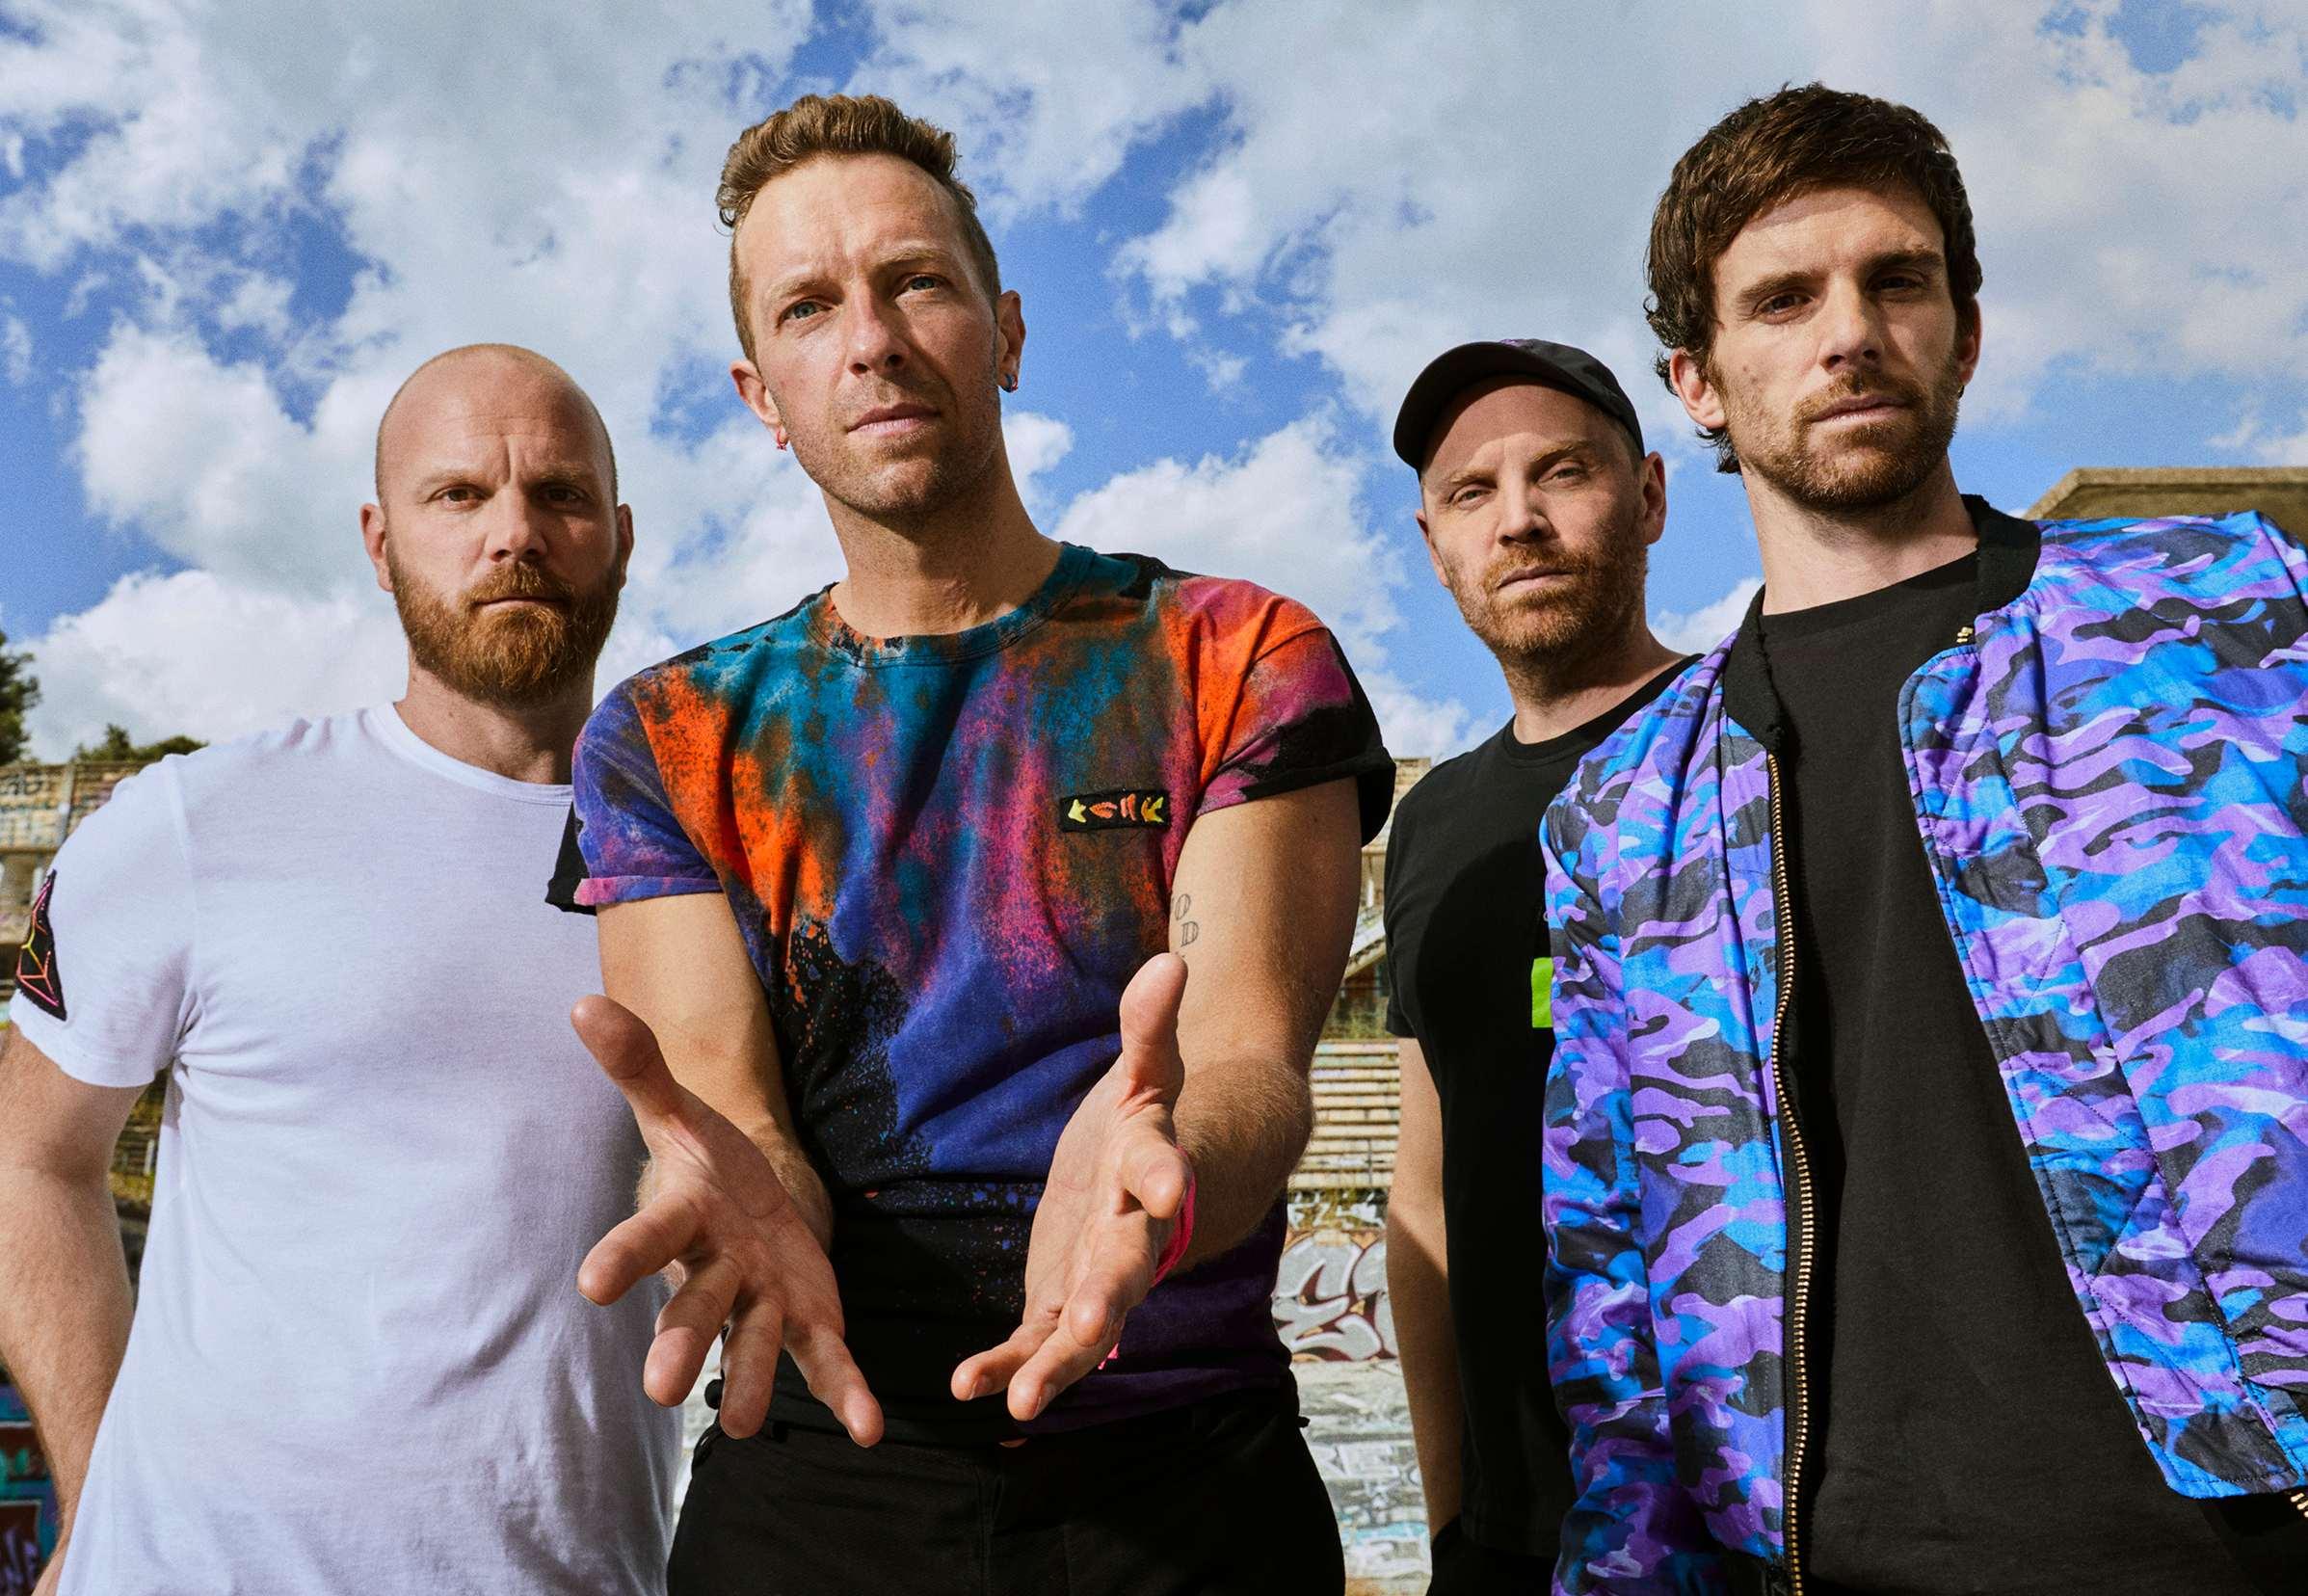 AMAZON MUSIC presenta l'esclusivo concerto dei Coldplay al Climate Pledge Arena il 22 ottobre